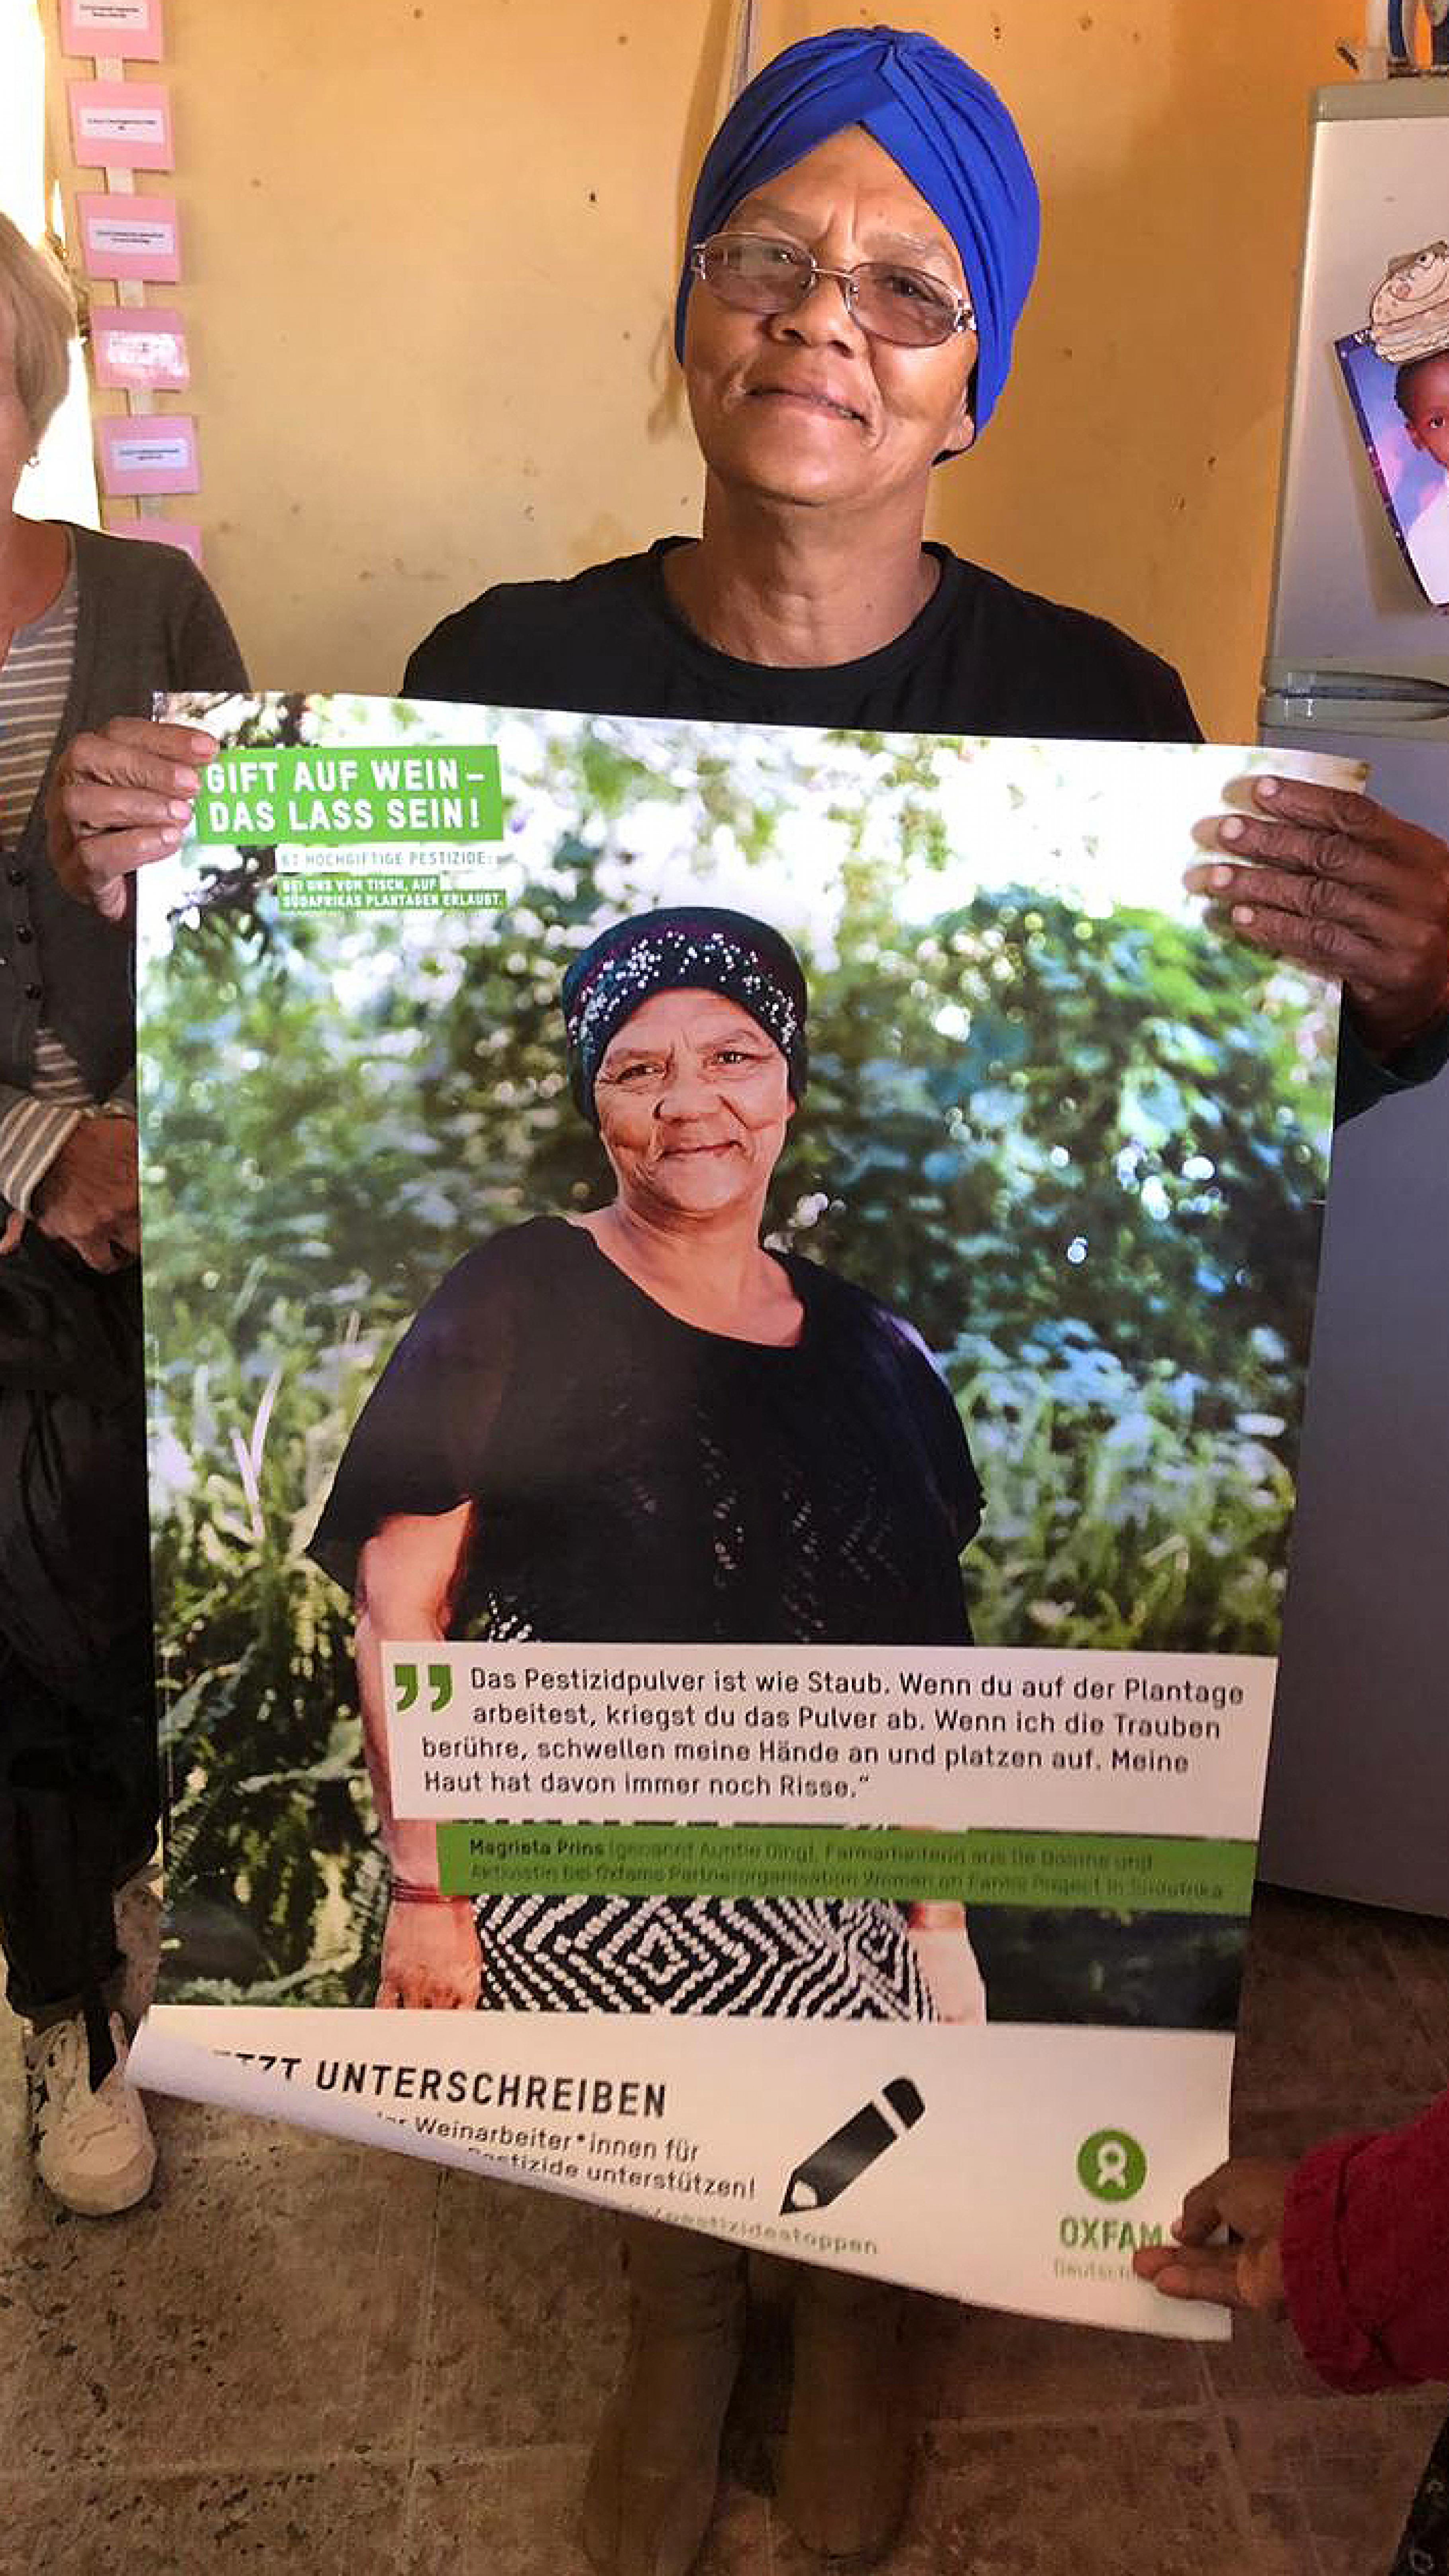 Auntie Ding freut sich darüber, dass sie auf dem Druckmaterial zur Kampagne von Oxfam Deutschland auftaucht.